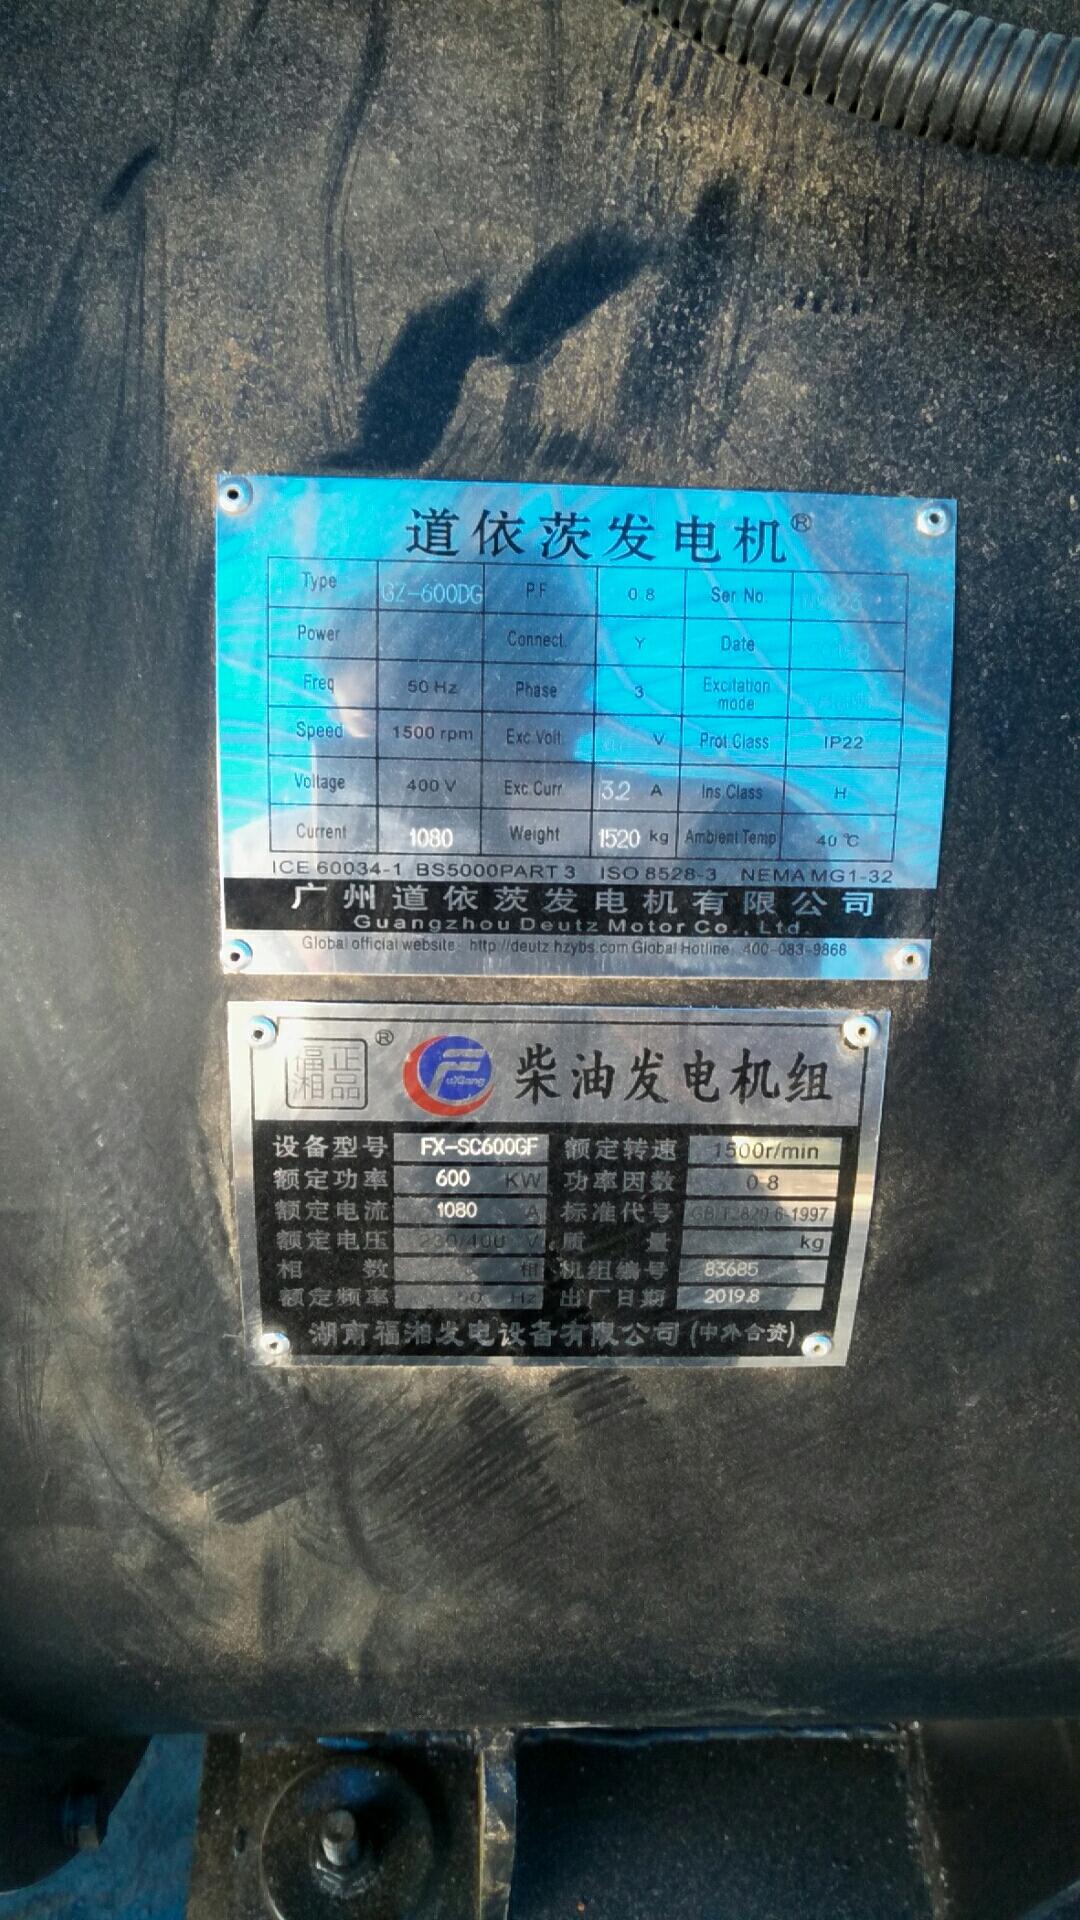 福湘牌上柴股份动力配套广州道依茨发电机送抵用户现场,祝您生意兴隆财源广进